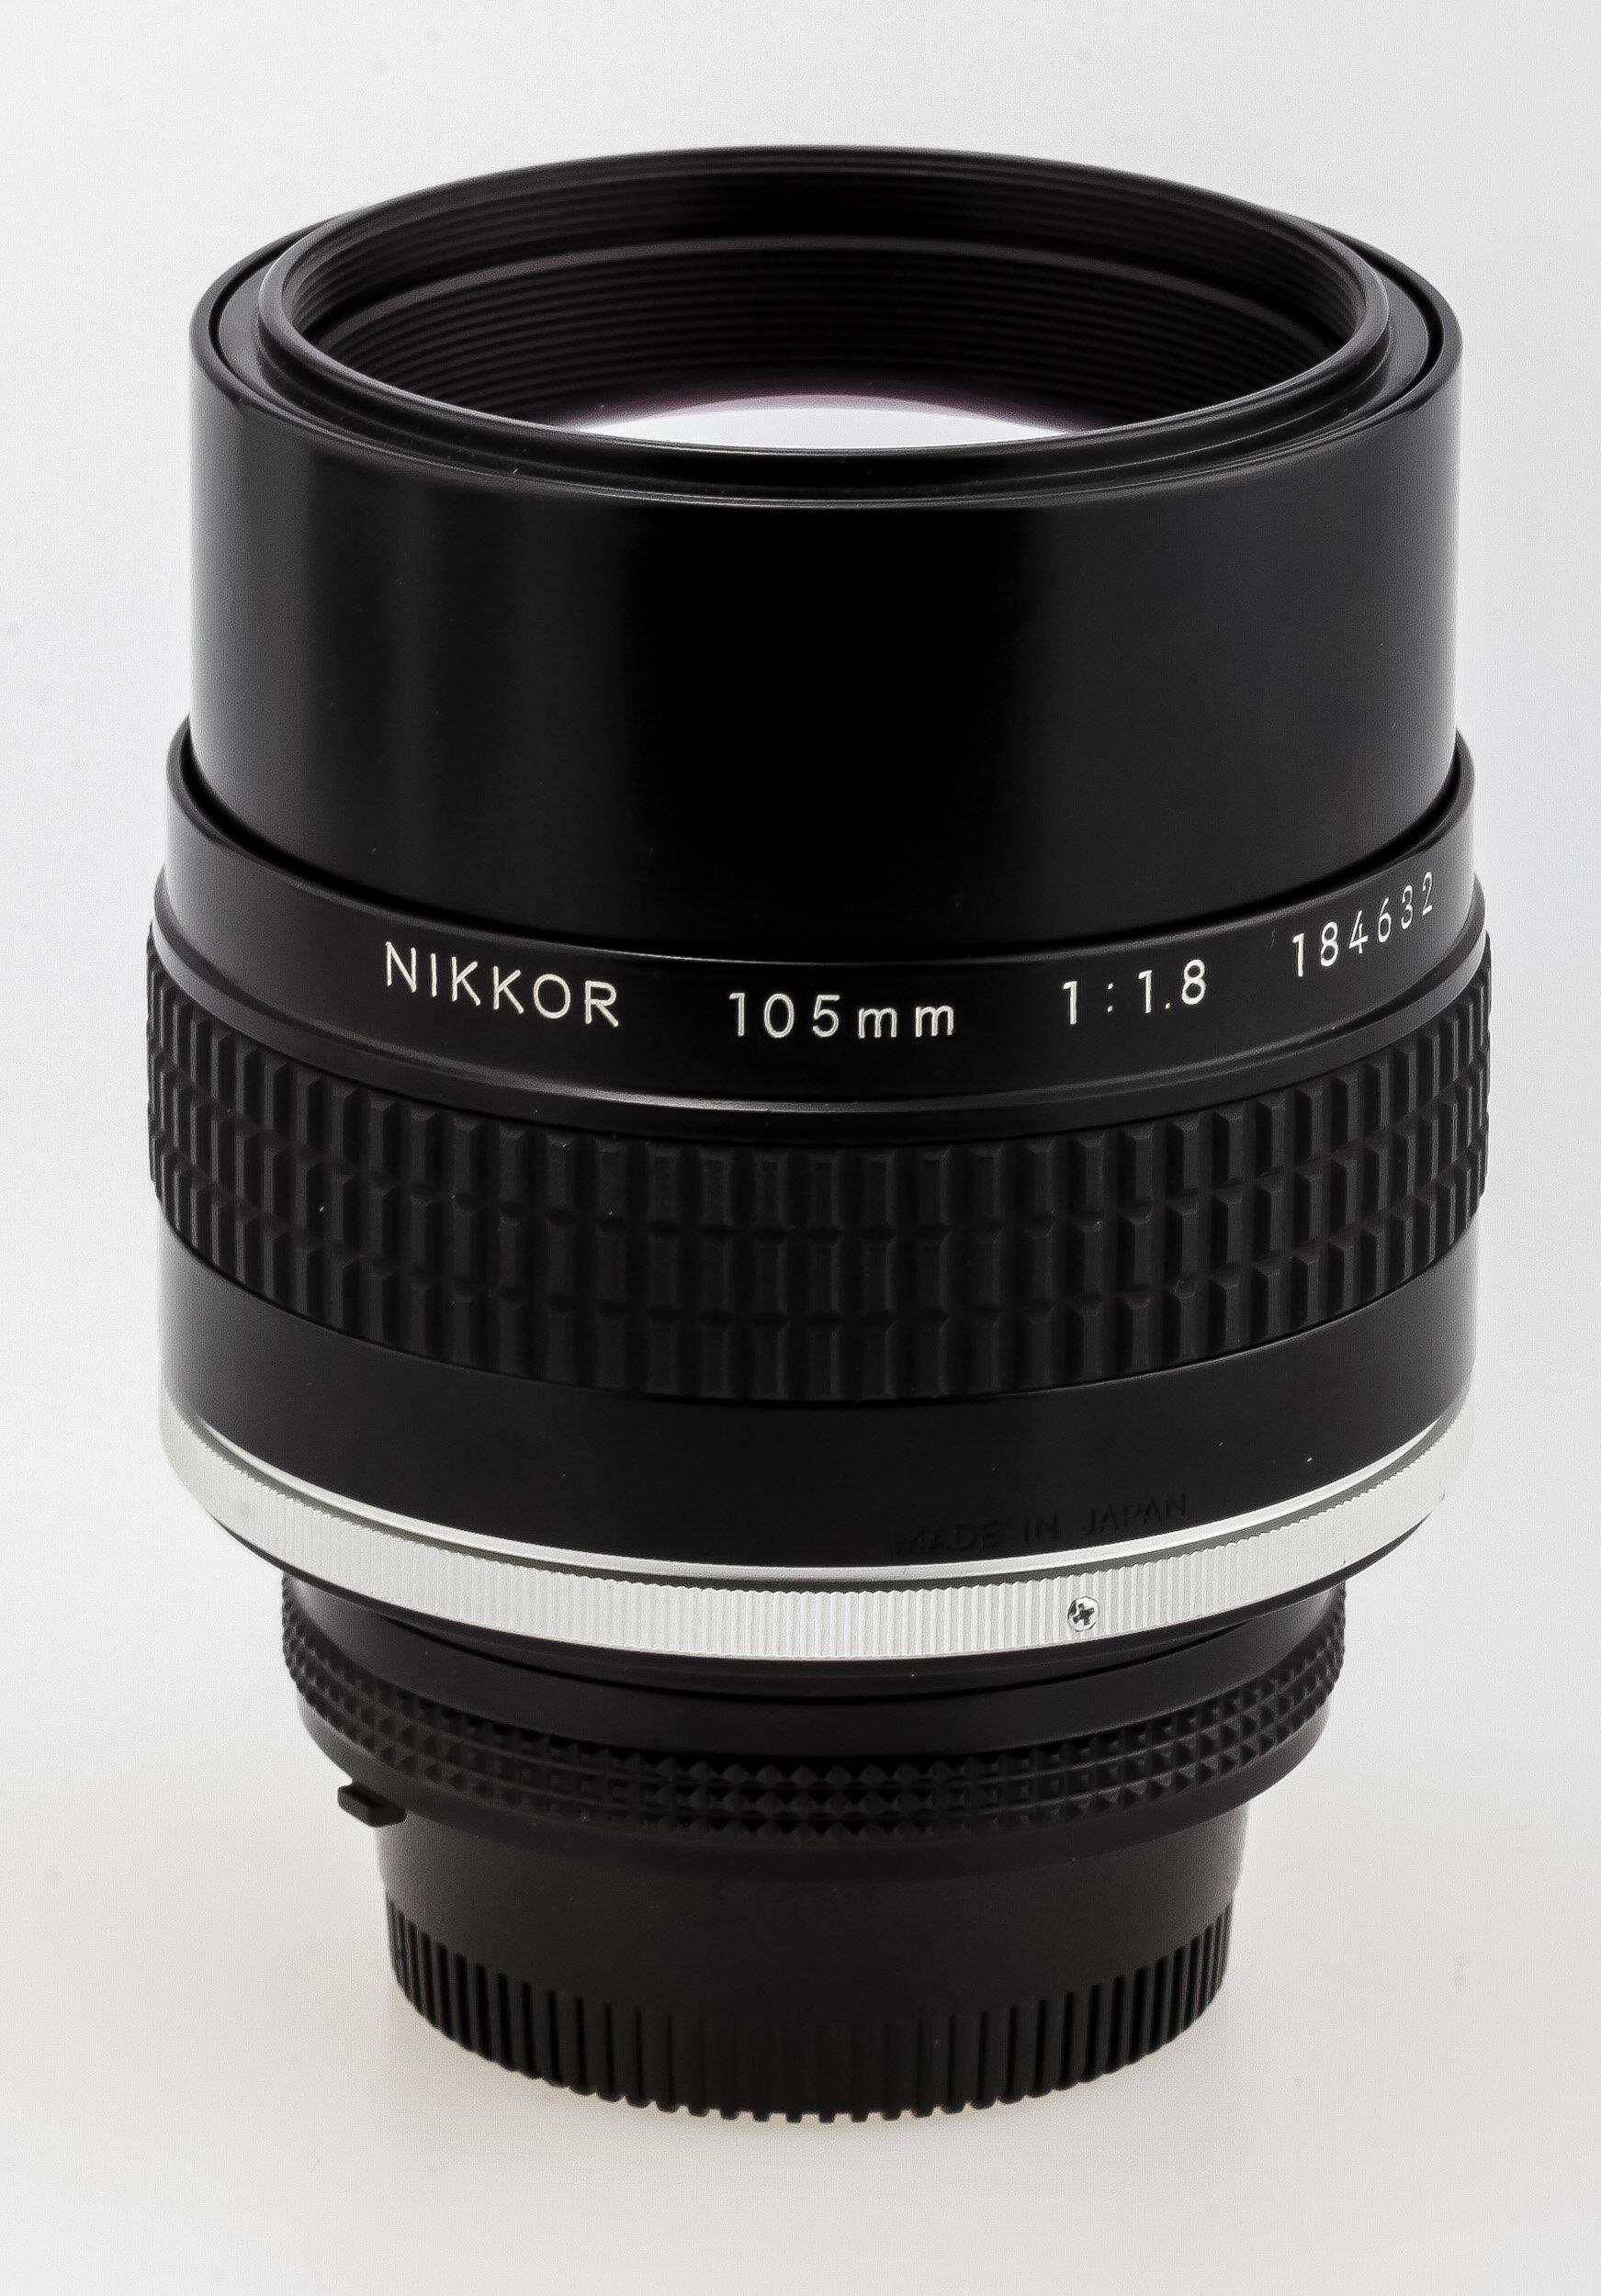 Nikon AI-S 1,8/105mm